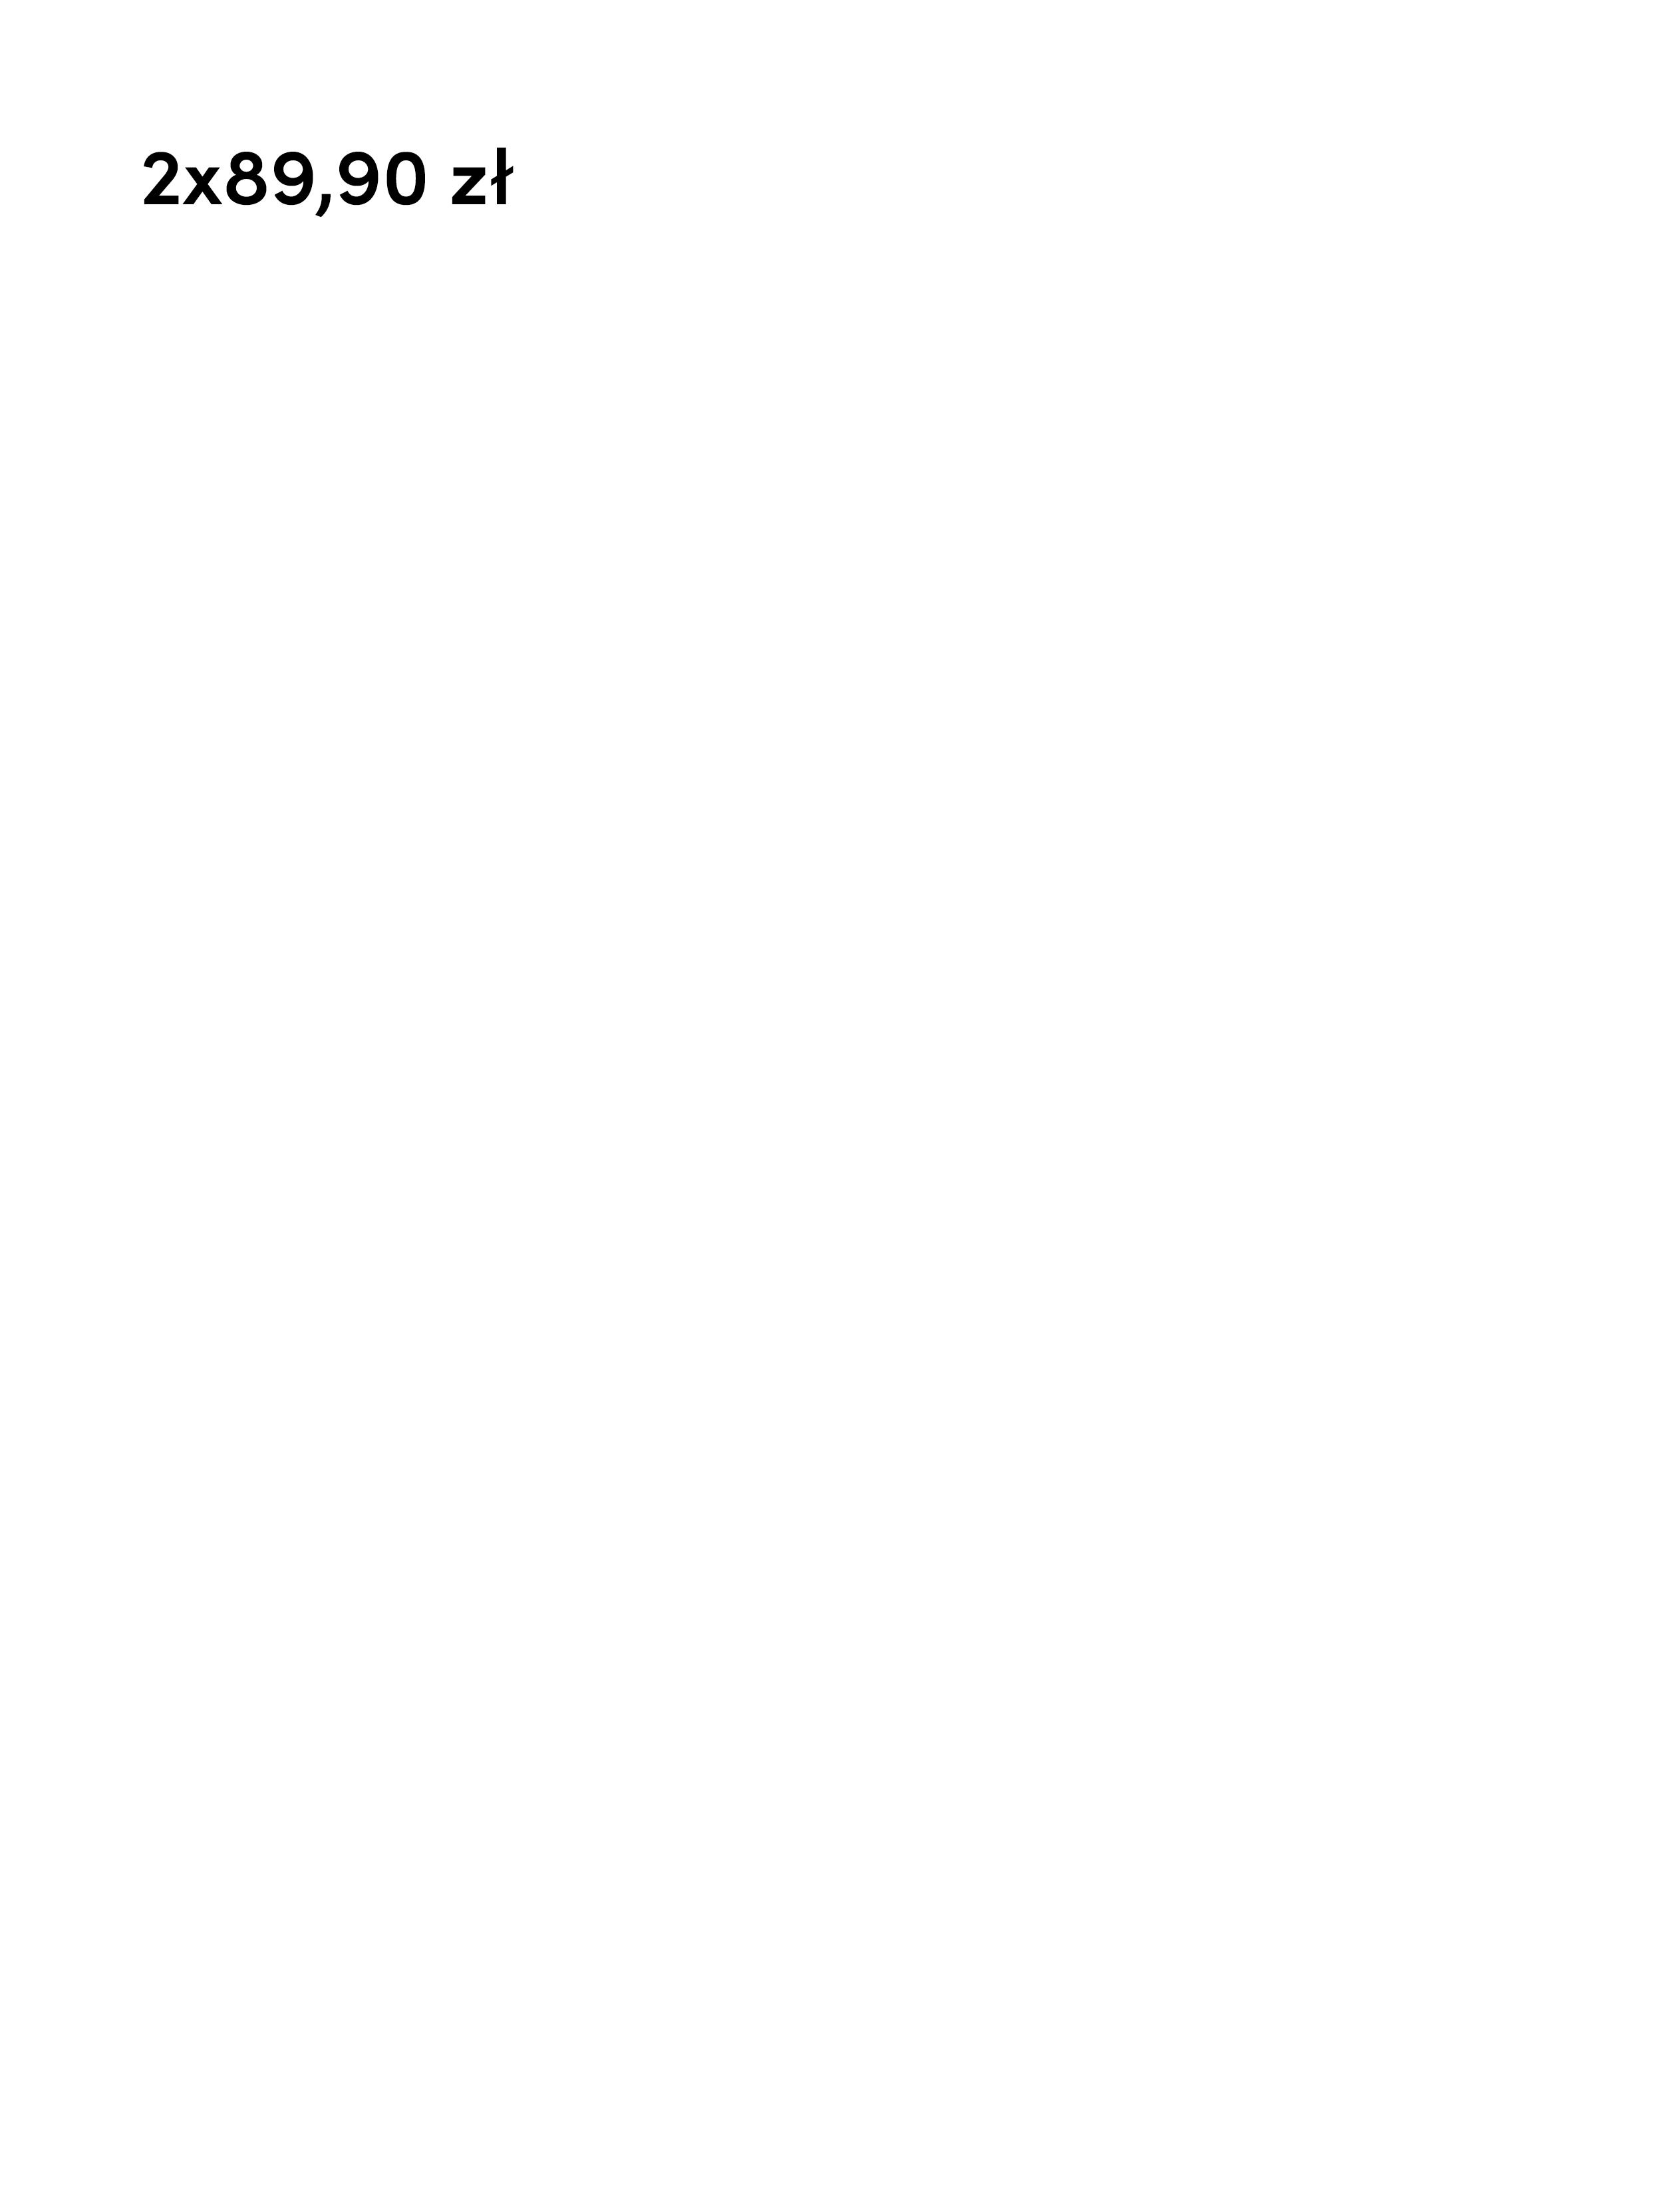 PL_2x89,90